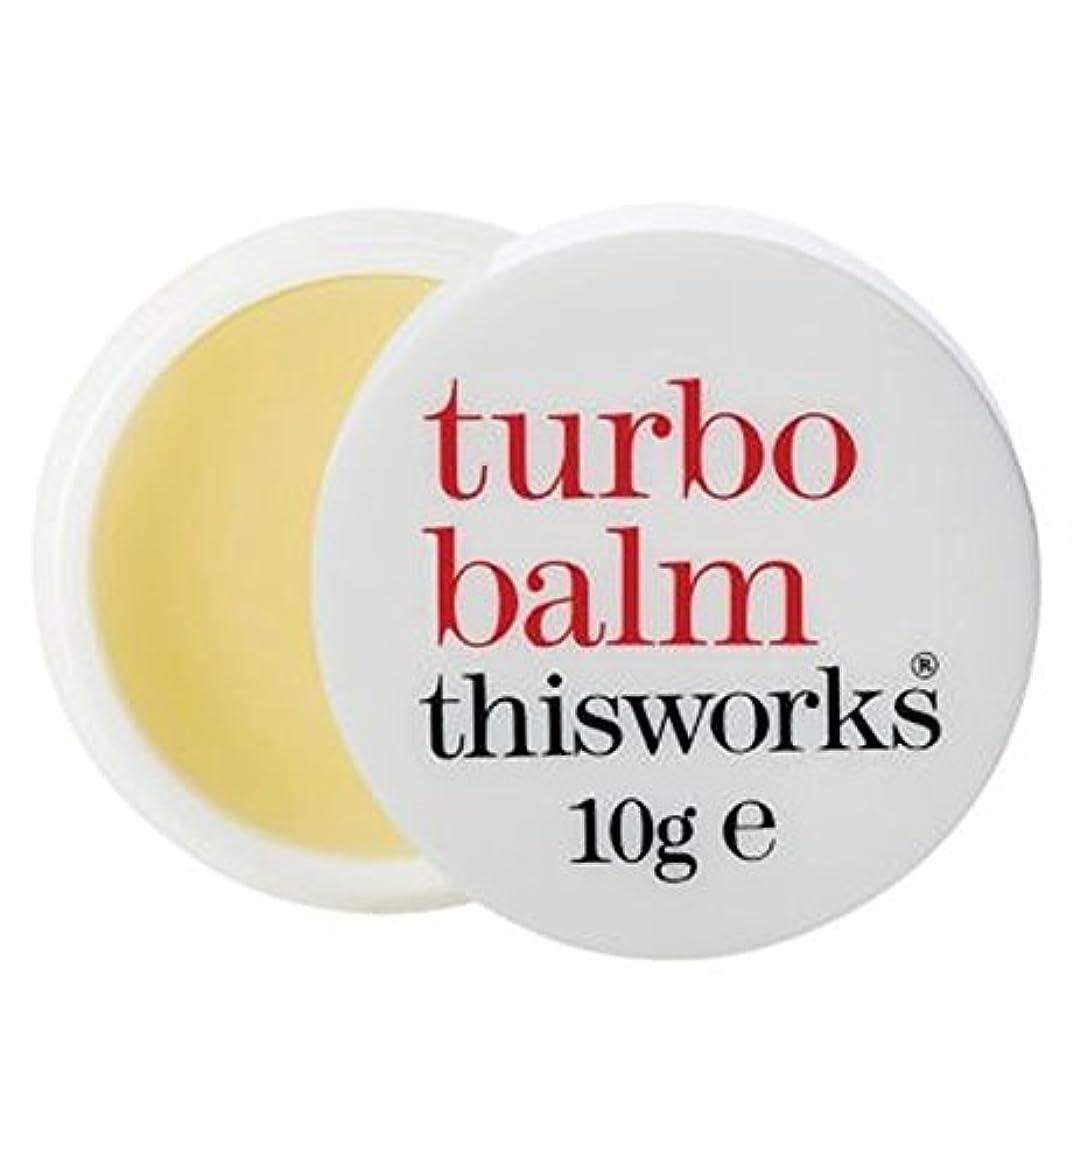 ケイ素毎週座標this works in transit Turbo Balm 10g - これはトランジットターボバーム10Gで動作します (This Works) [並行輸入品]